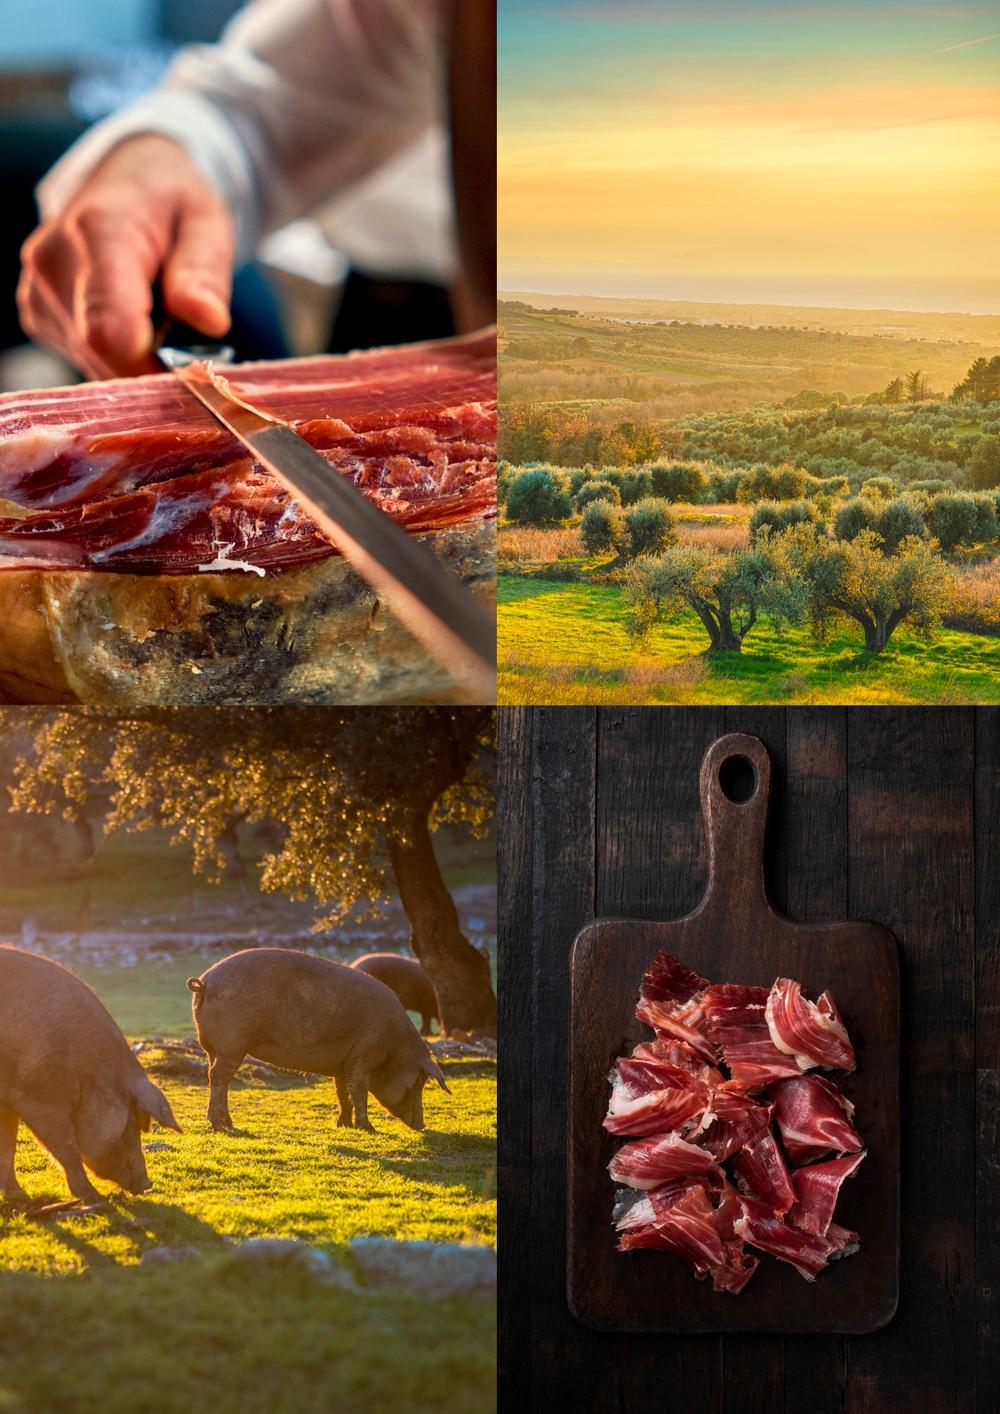 Närproducerad gårdschark i Toscana, Italien.